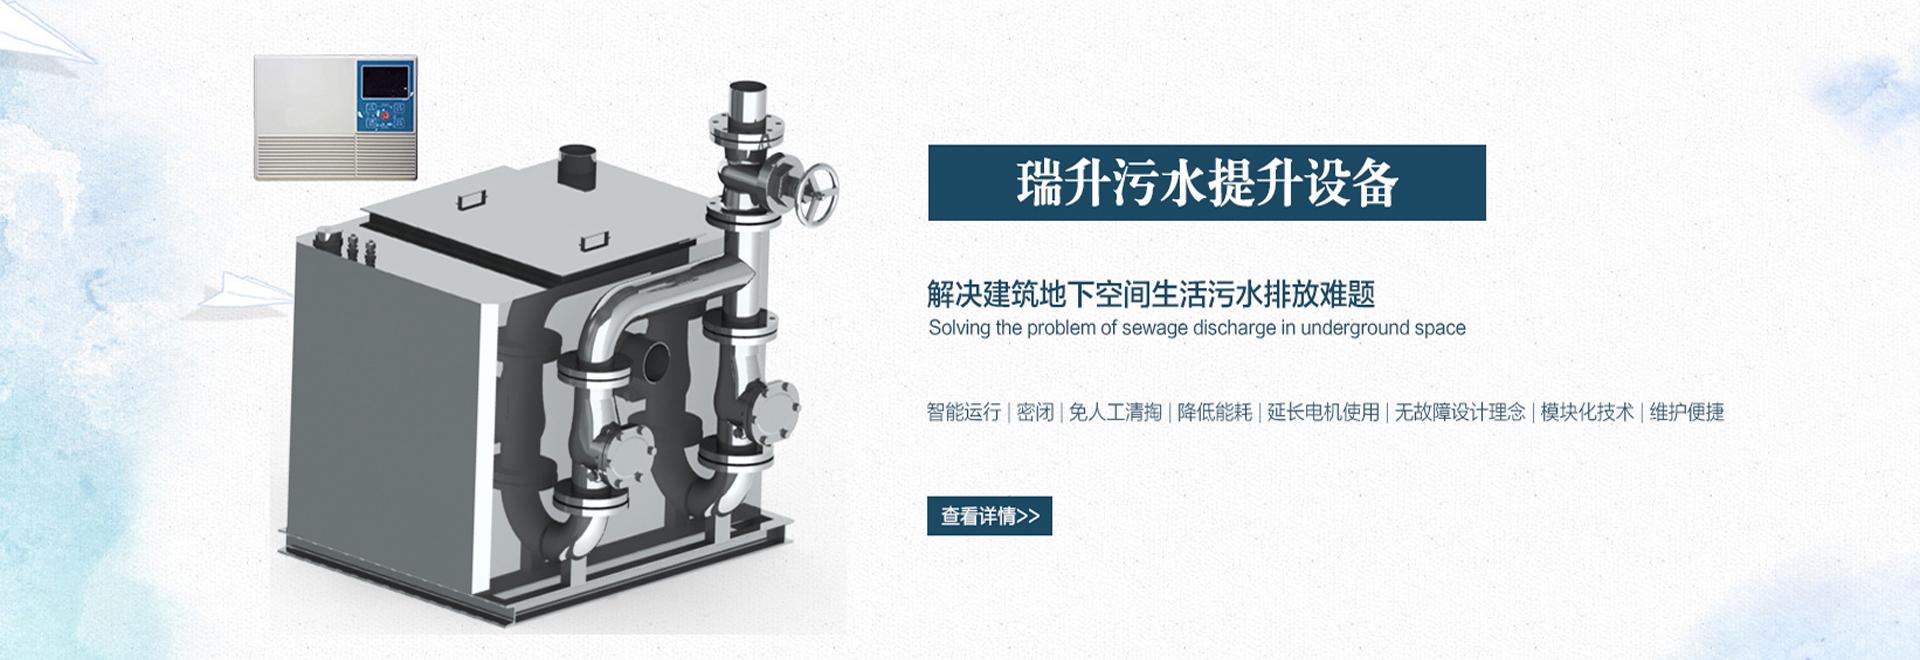 南京瑞升機械制造有限公司